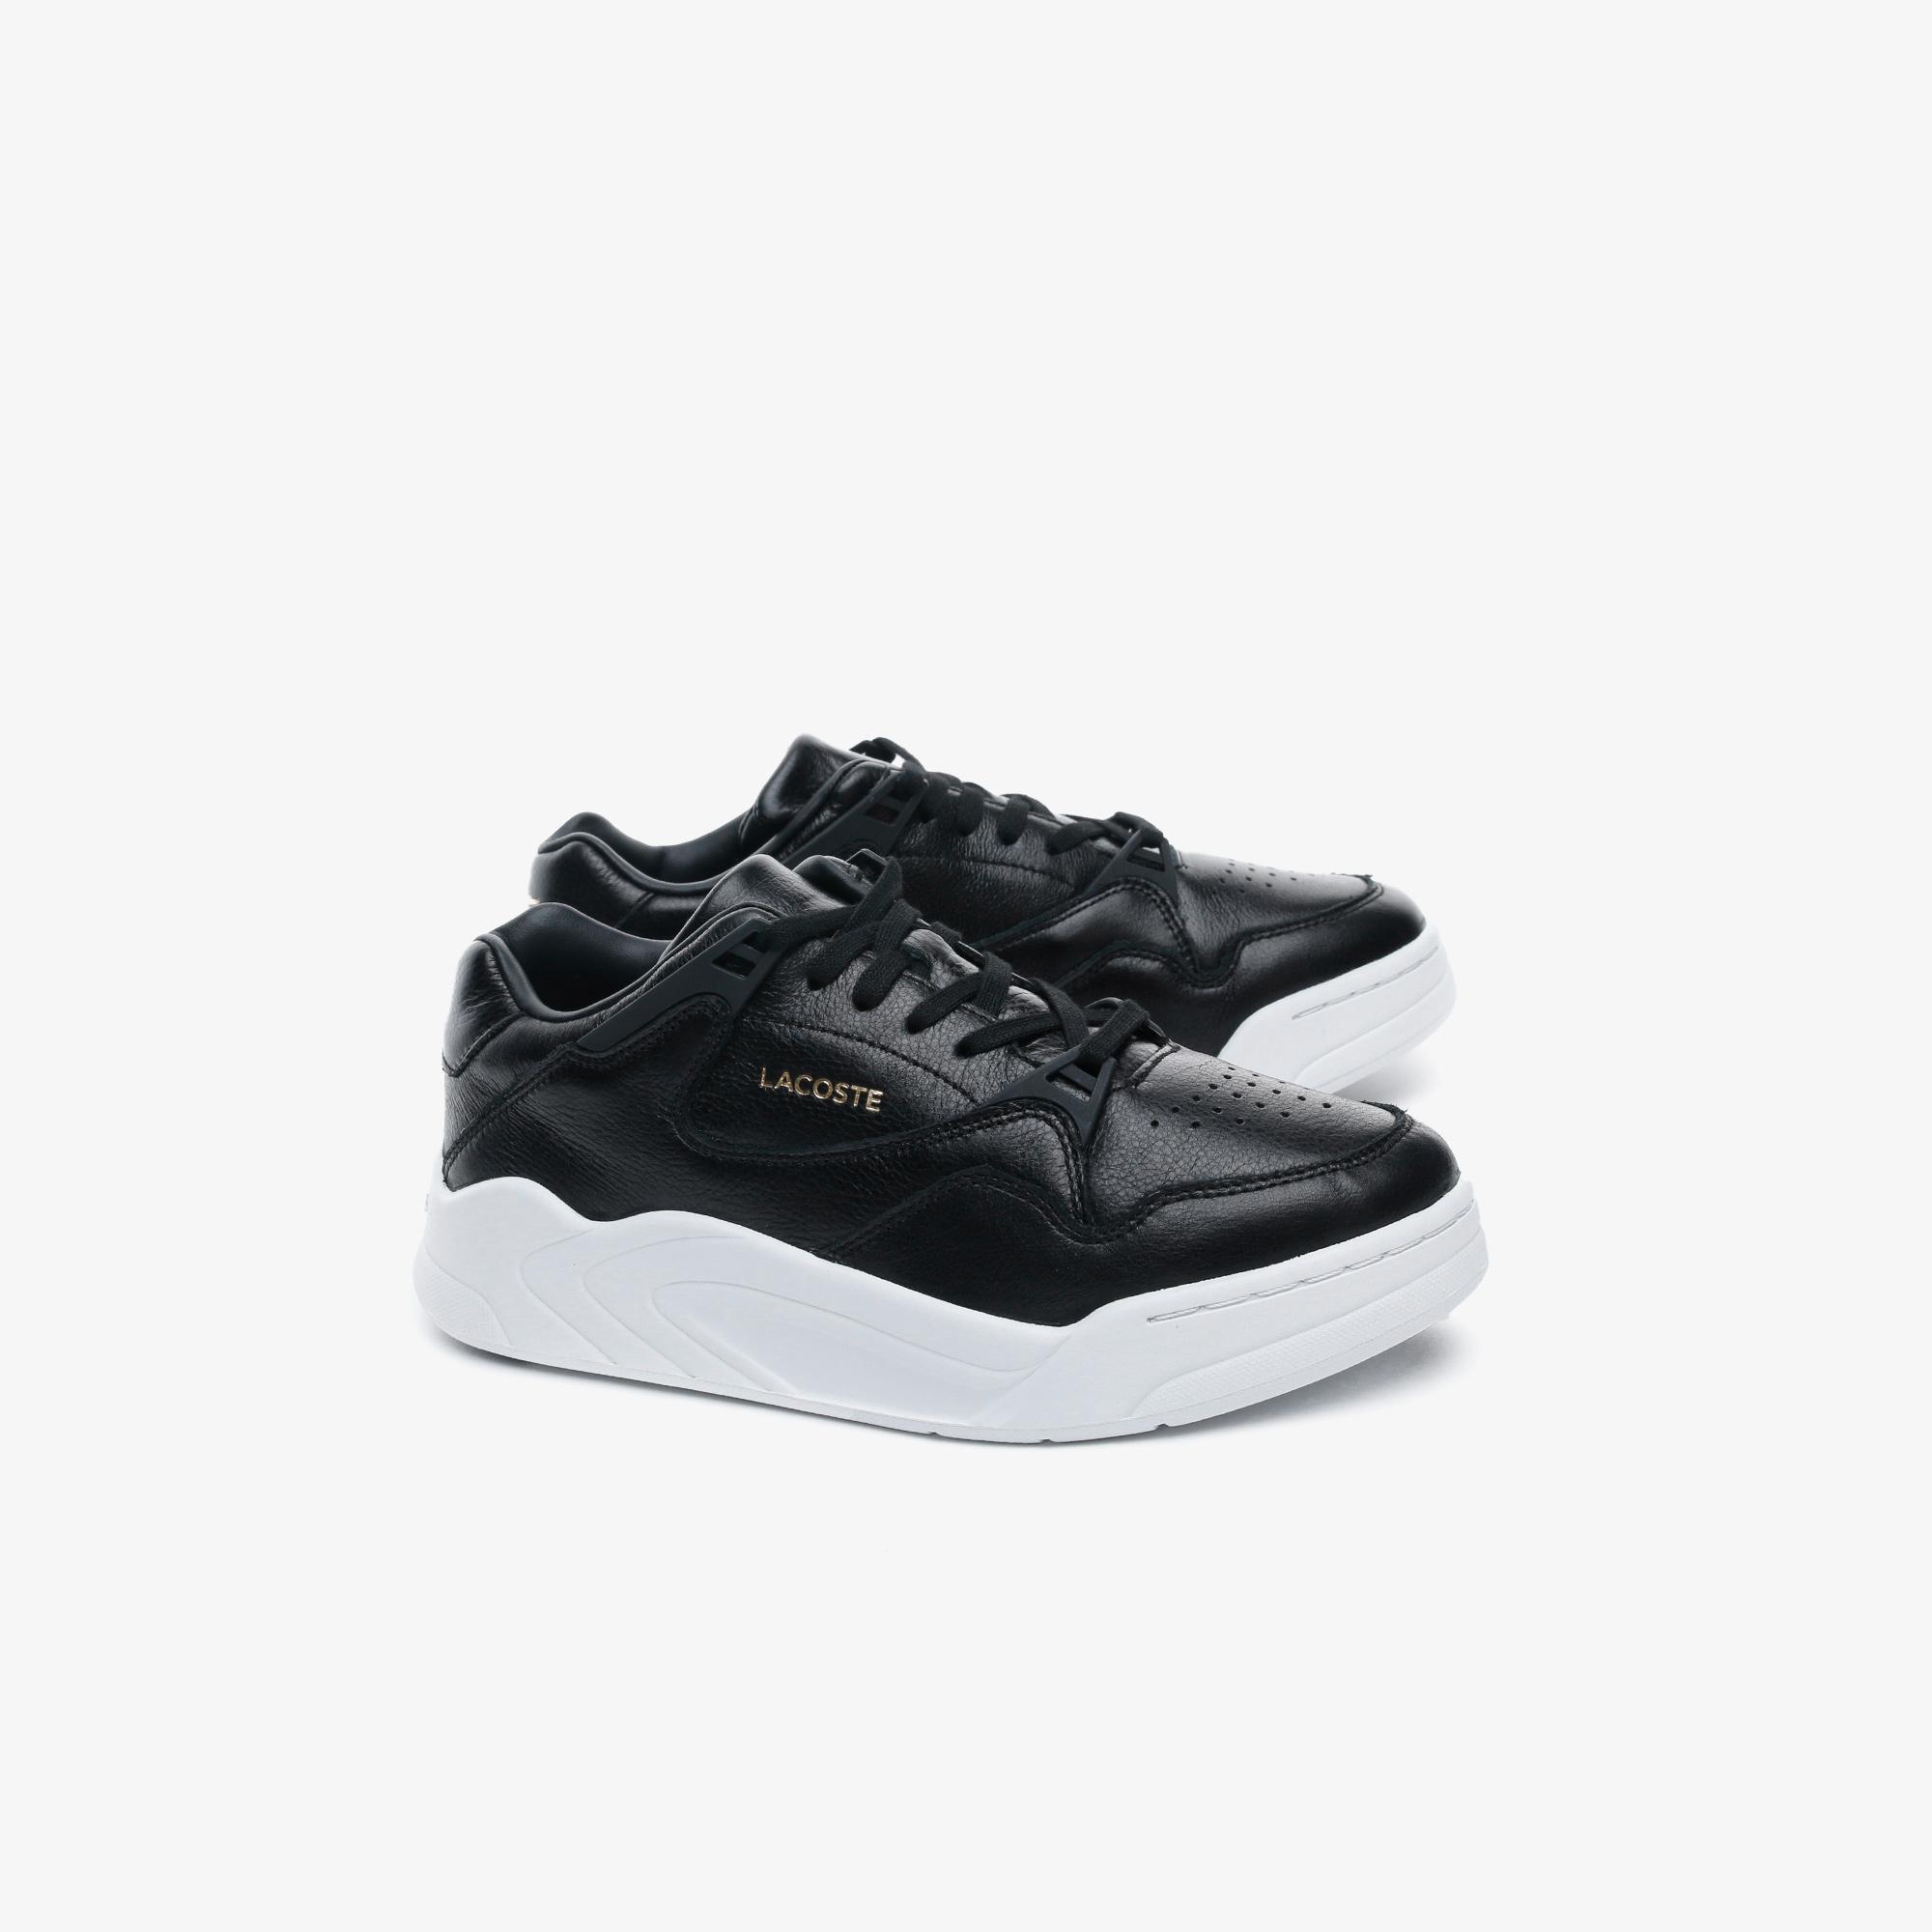 Lacoste Court Slam 0320 2 Sfa Kadın Deri Siyah Sneaker